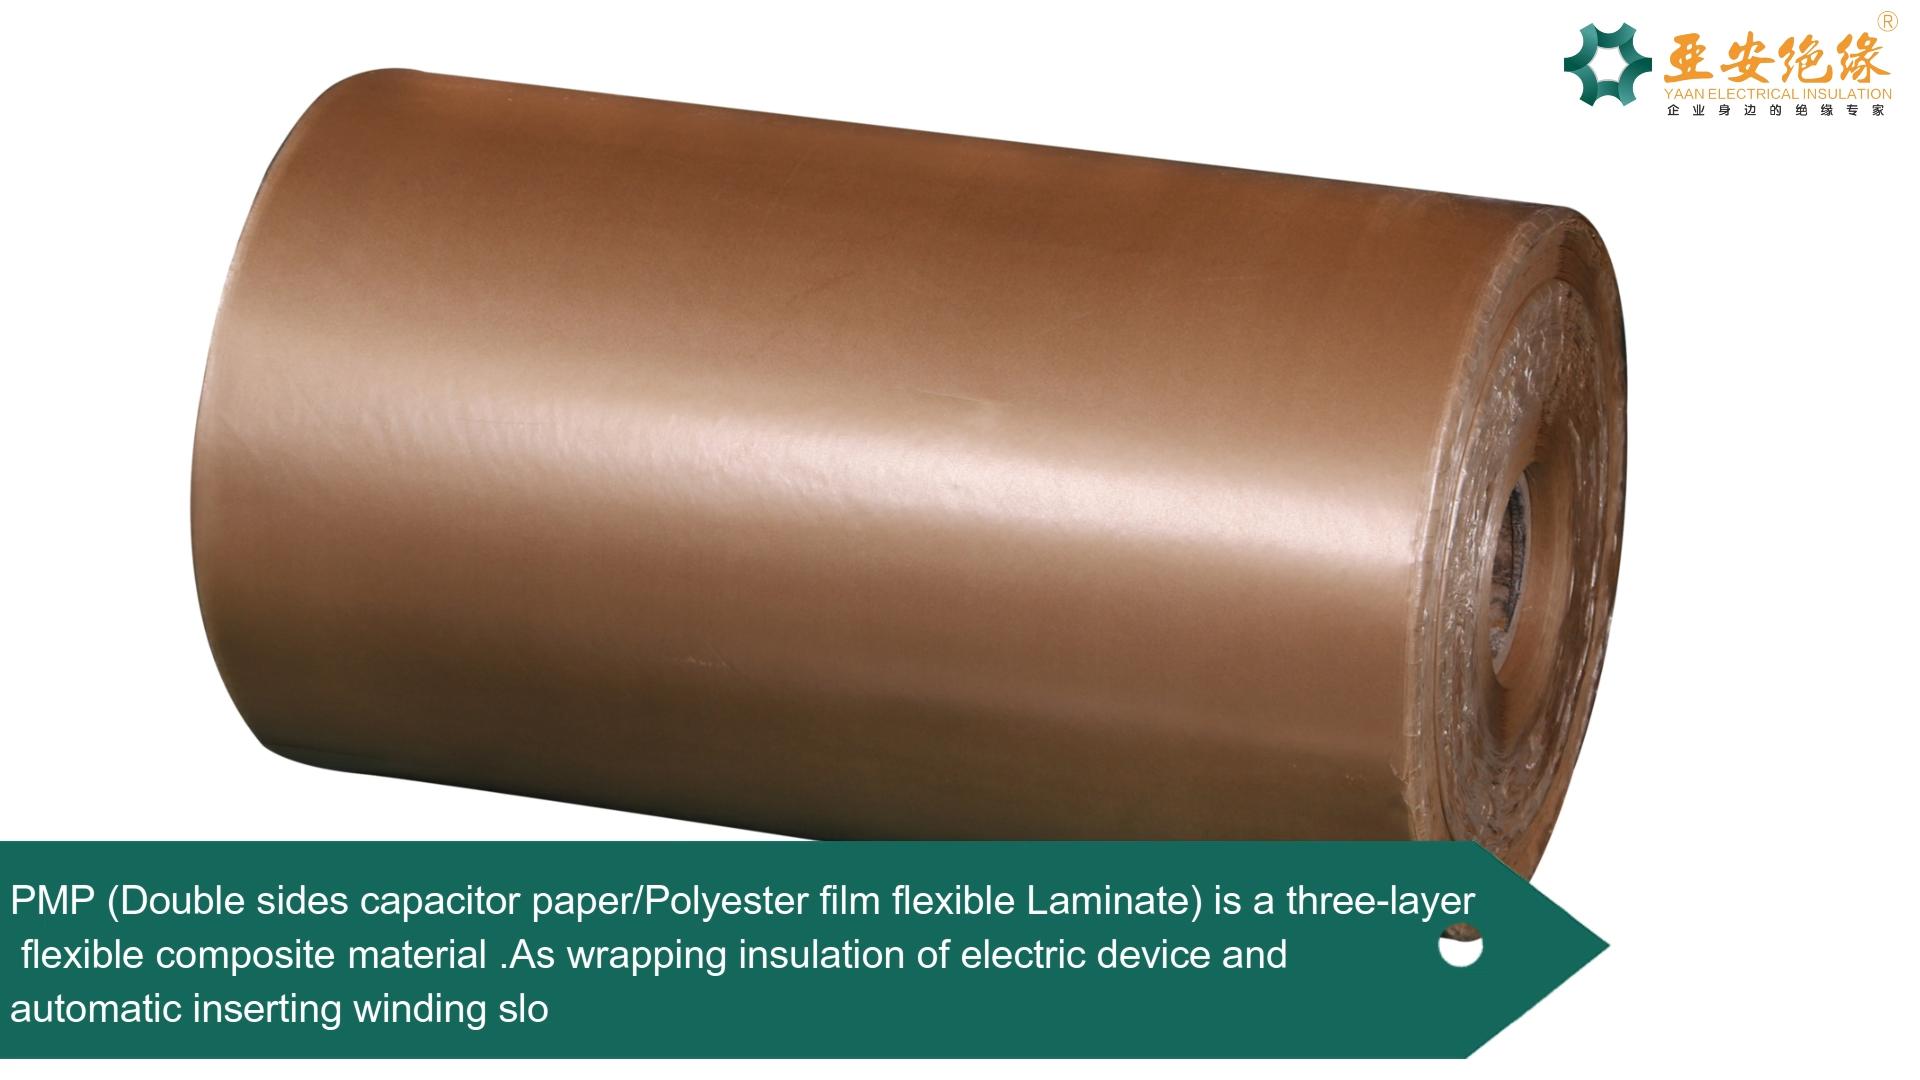 סיטונאי גמיש מרוכבים מיילר חשמל כוח חומר מנוע פוליאסטר בידוד סרט קבלים בידוד נייר pmp